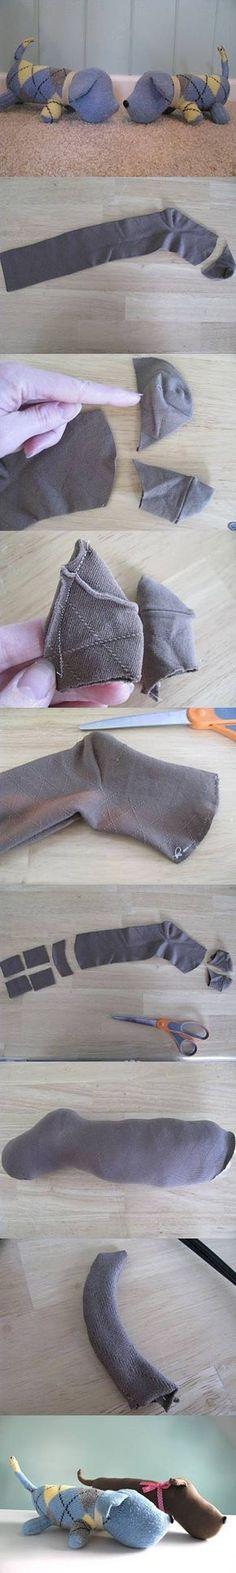 DIY Create a Sock Puppy DIY Create a Sock Puppy by diyforever